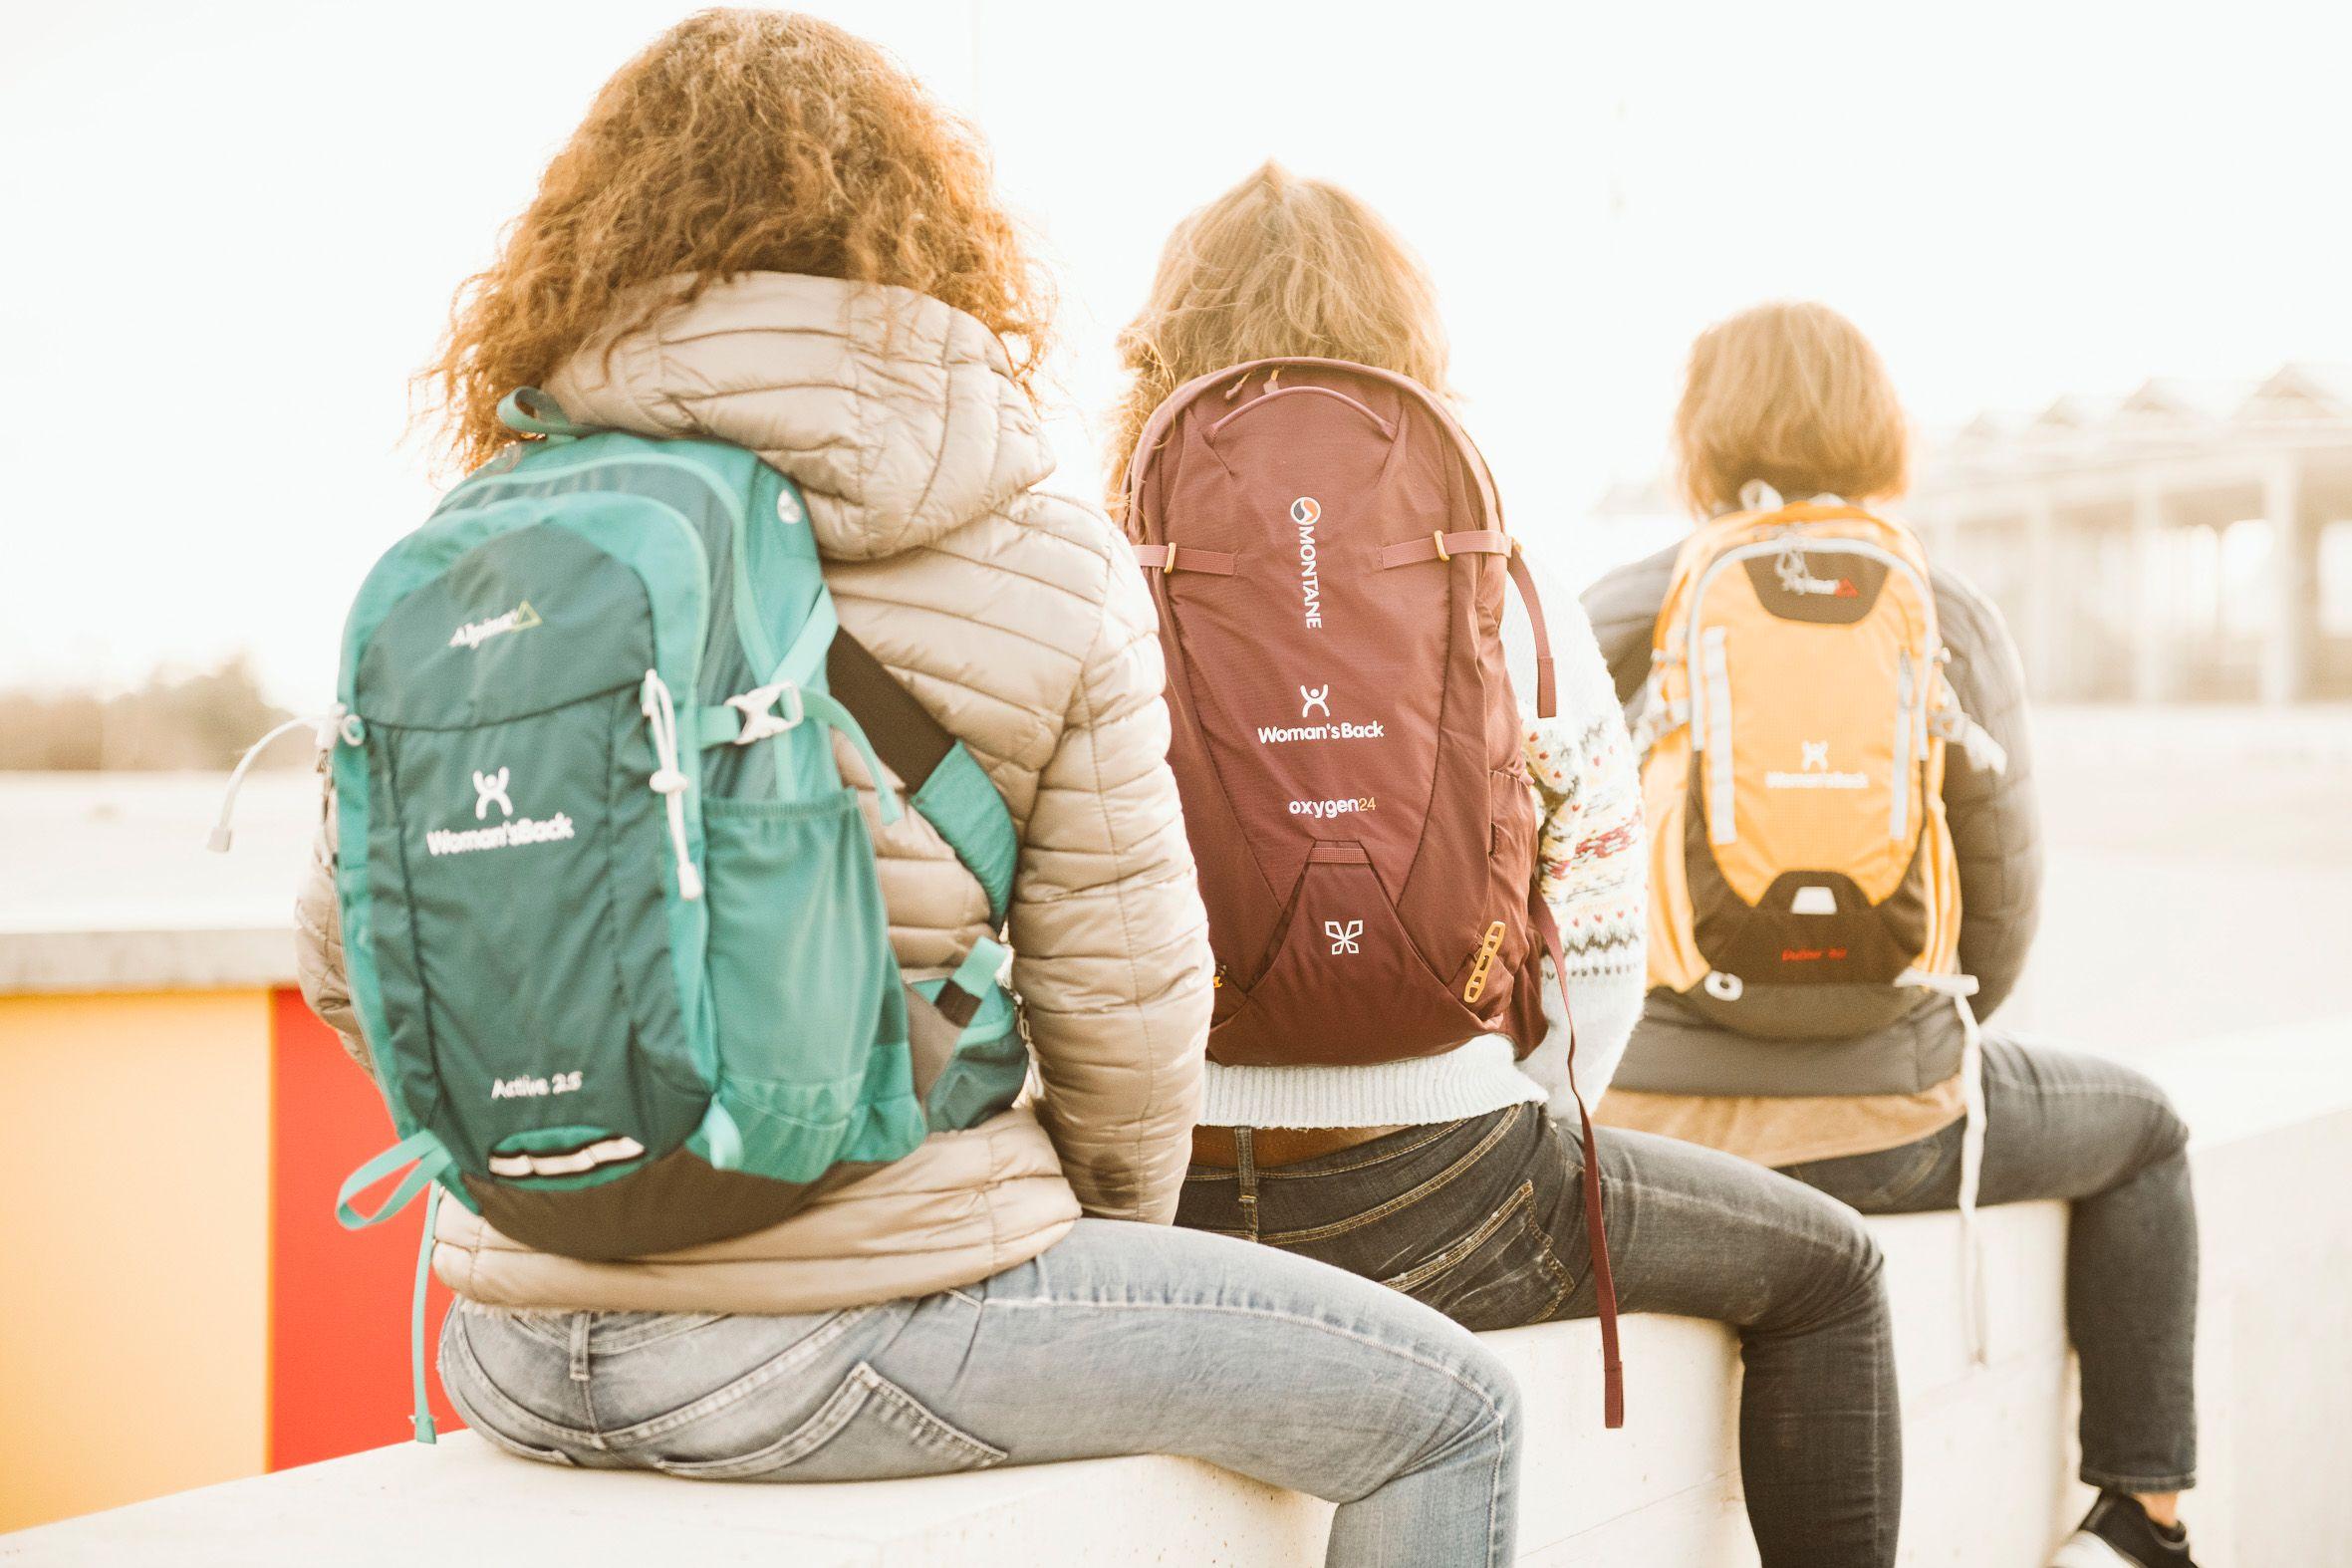 La primera mochila diseñada especialmente para mujeres que han pasado por un cáncer de mama